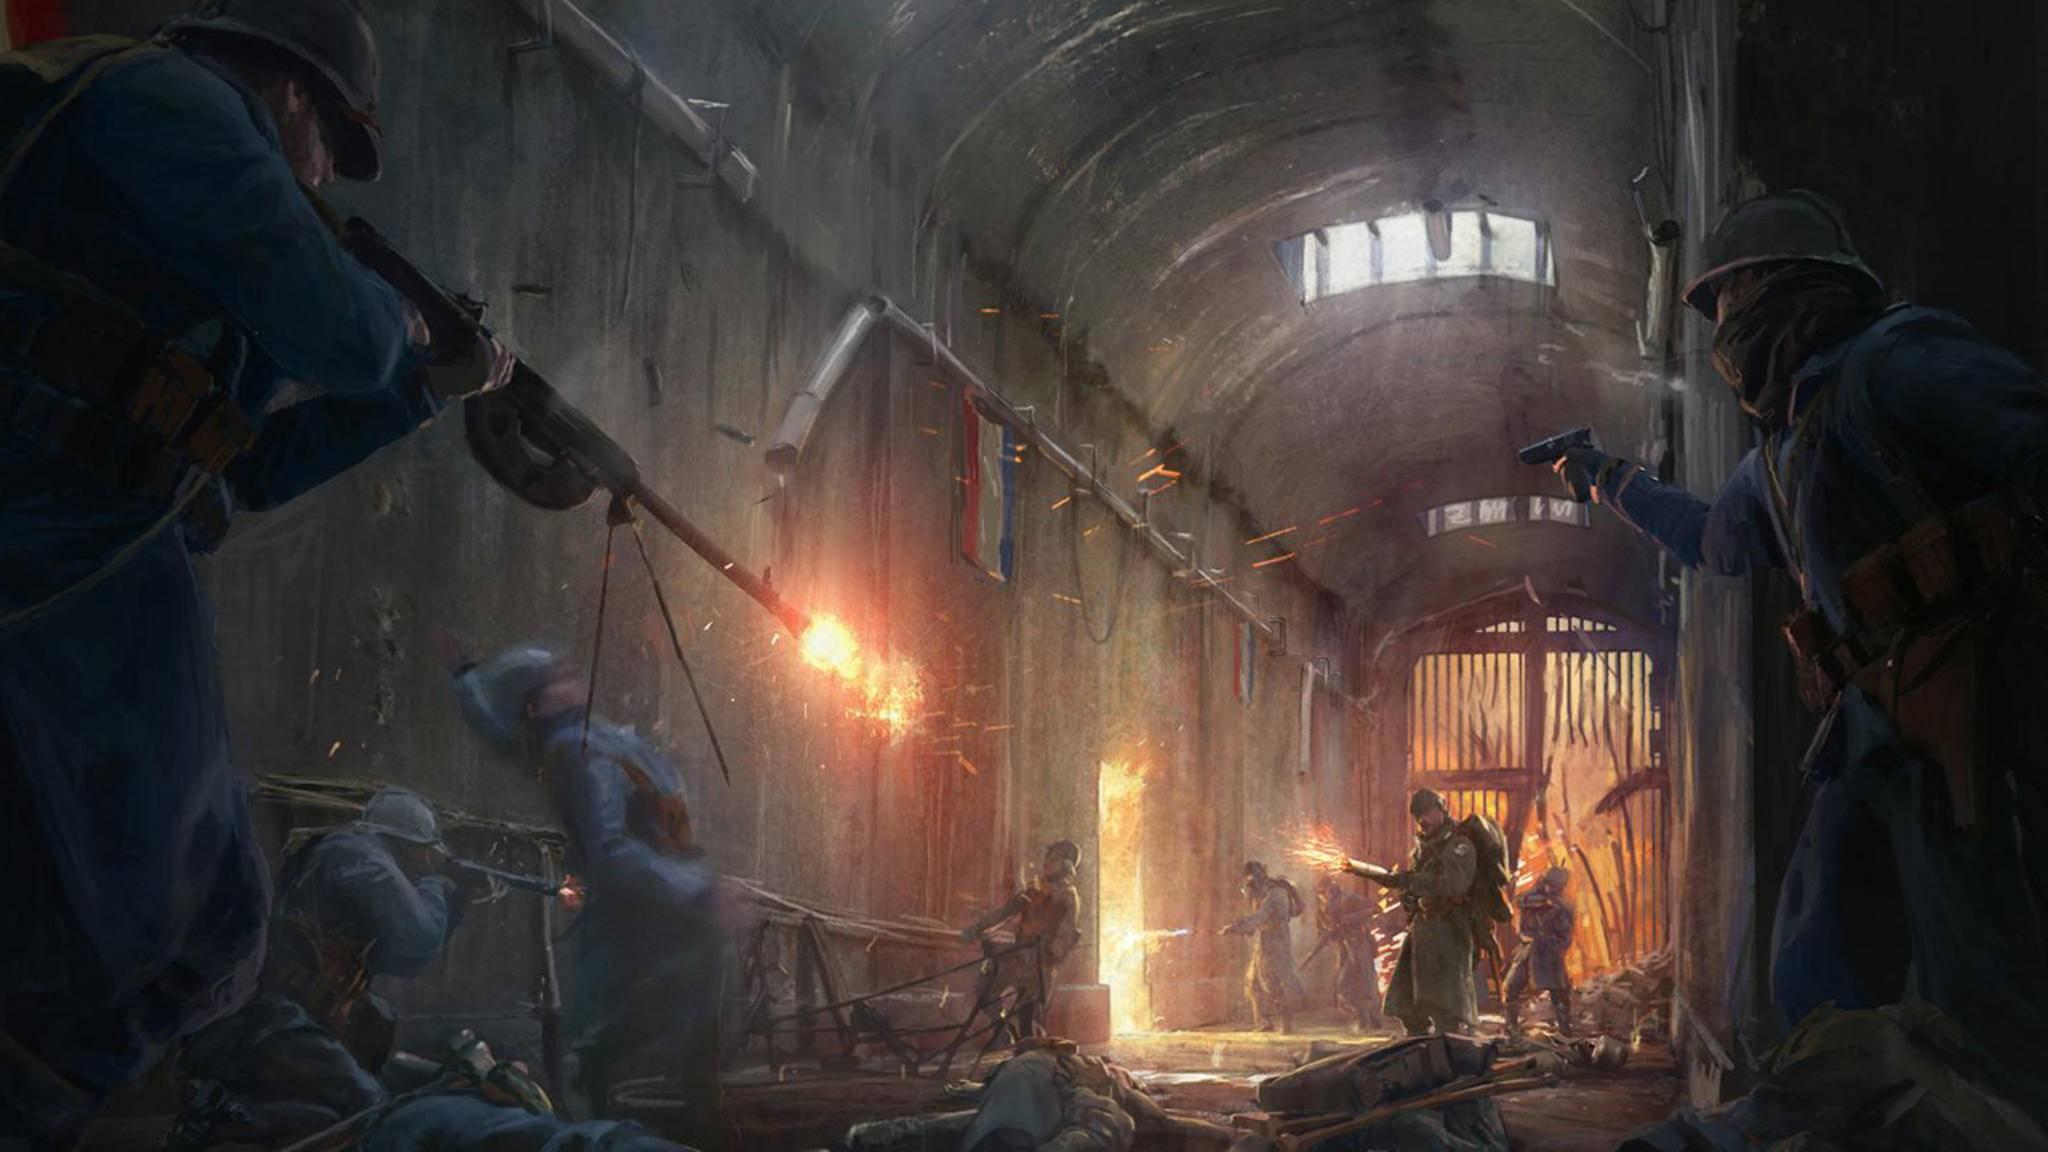 """Nach dem Ersten Weltkrieg soll im neuen """"Battlefield"""" wieder der Zweite Weltkrieg im Fokus stehen."""